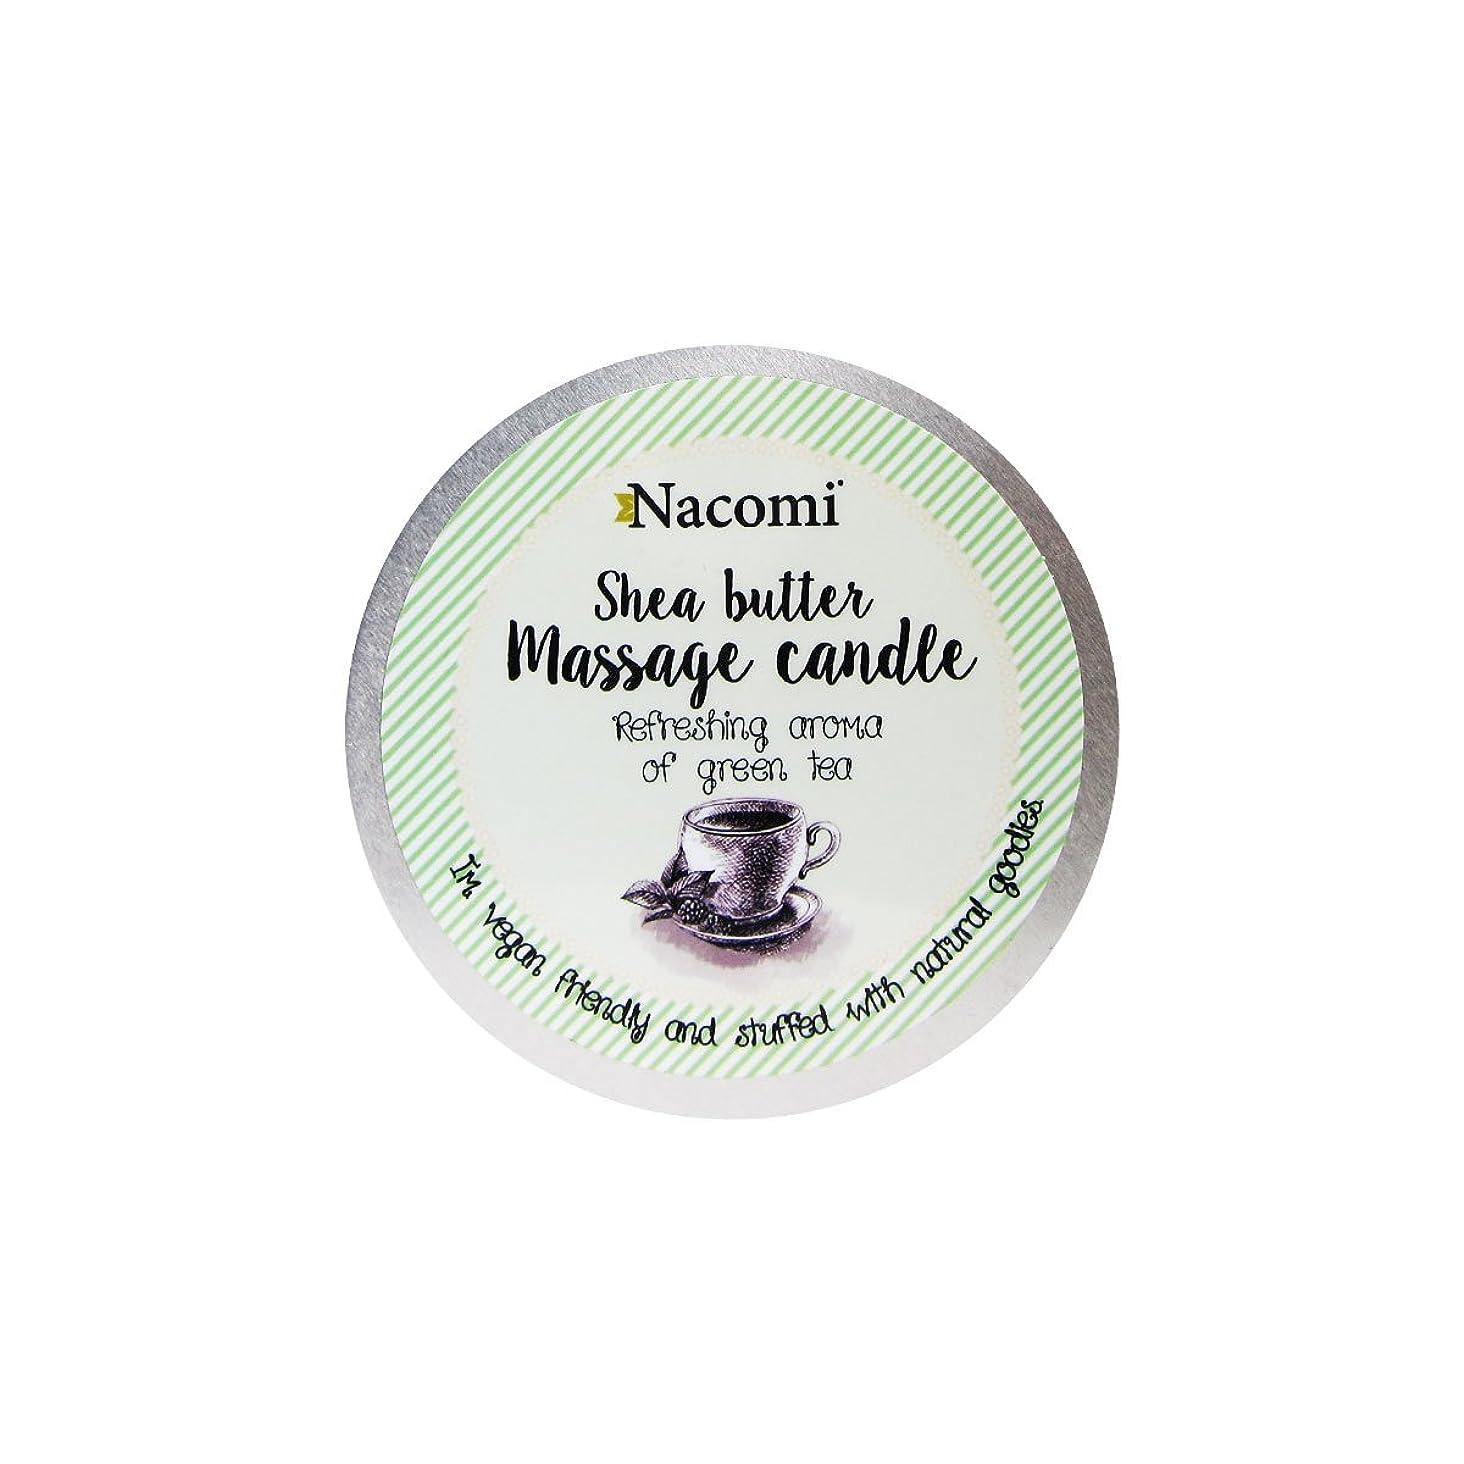 マラソン繰り返すキャンパスNacomi Shea Butter Massage Candle Refreshing Aroma Of Green Tea 150g [並行輸入品]